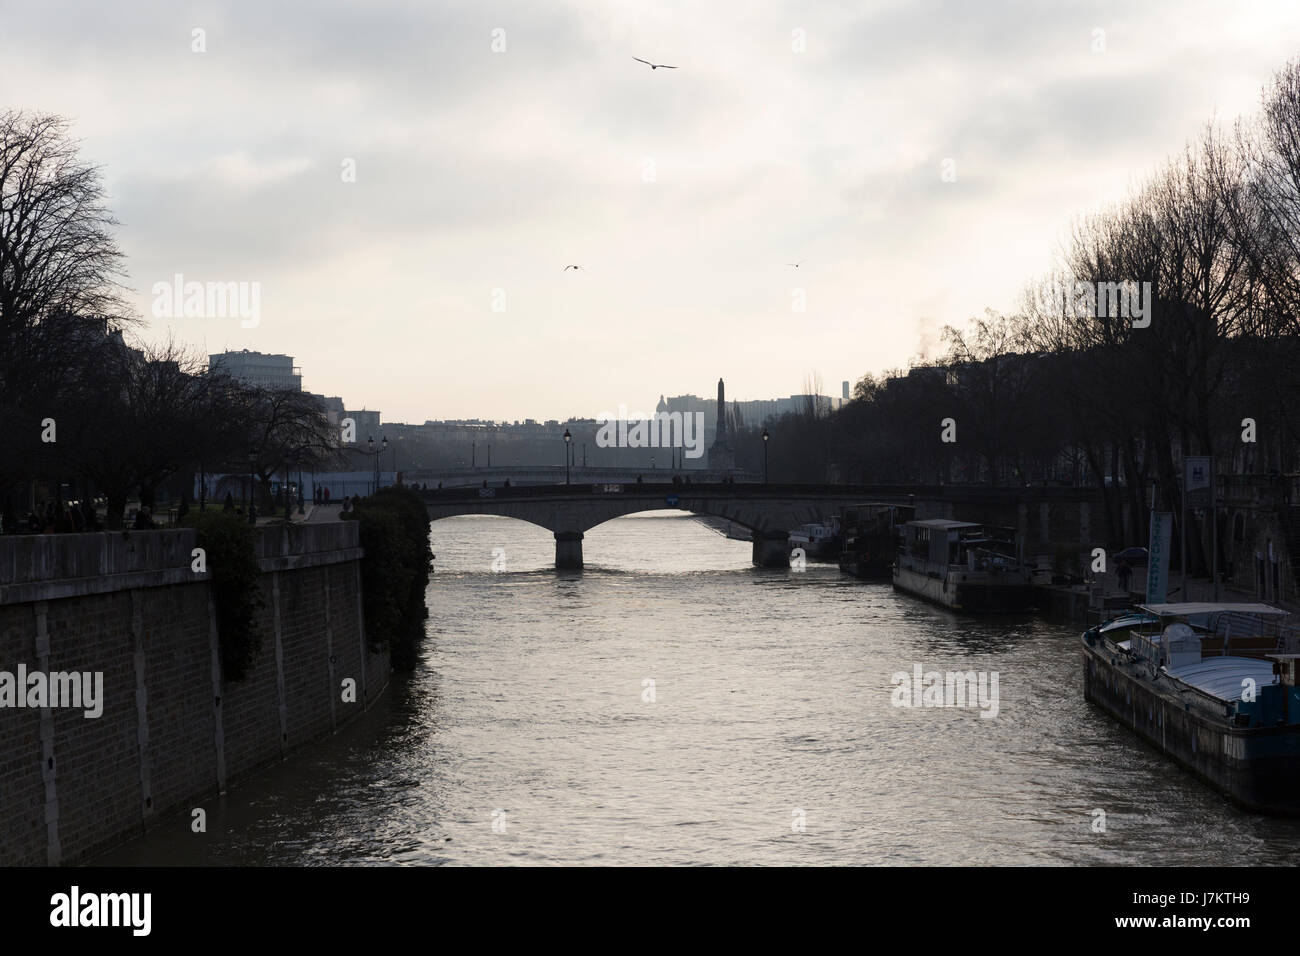 Schiffe sind die Brücke in der Abend vorbei. Stockbild